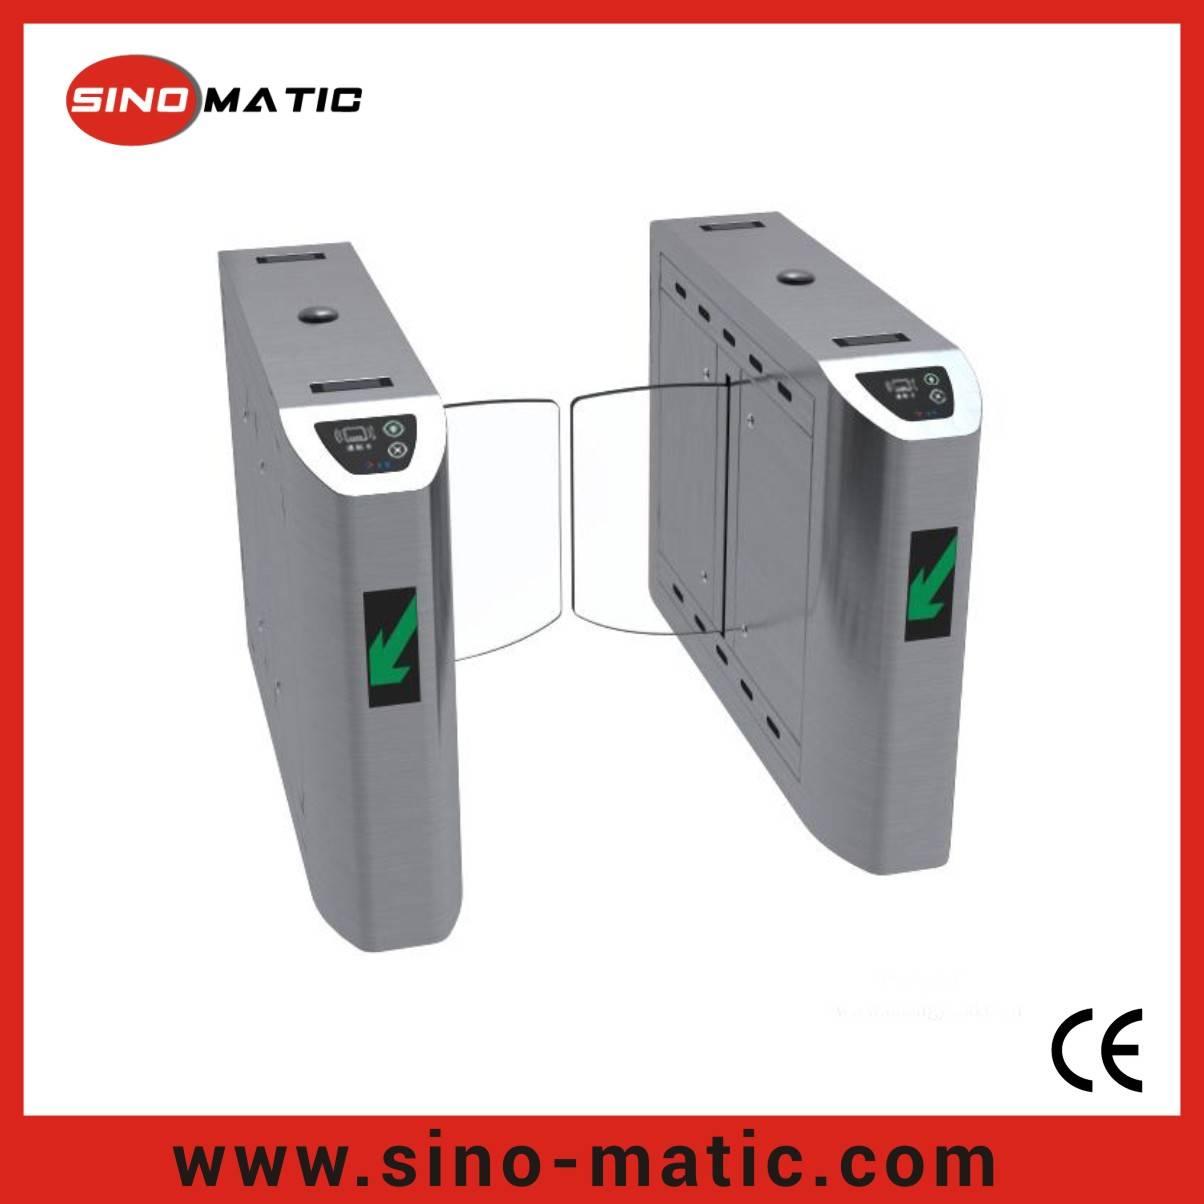 Shenzhen China mirror finish half height sliding barrier gate turnstile